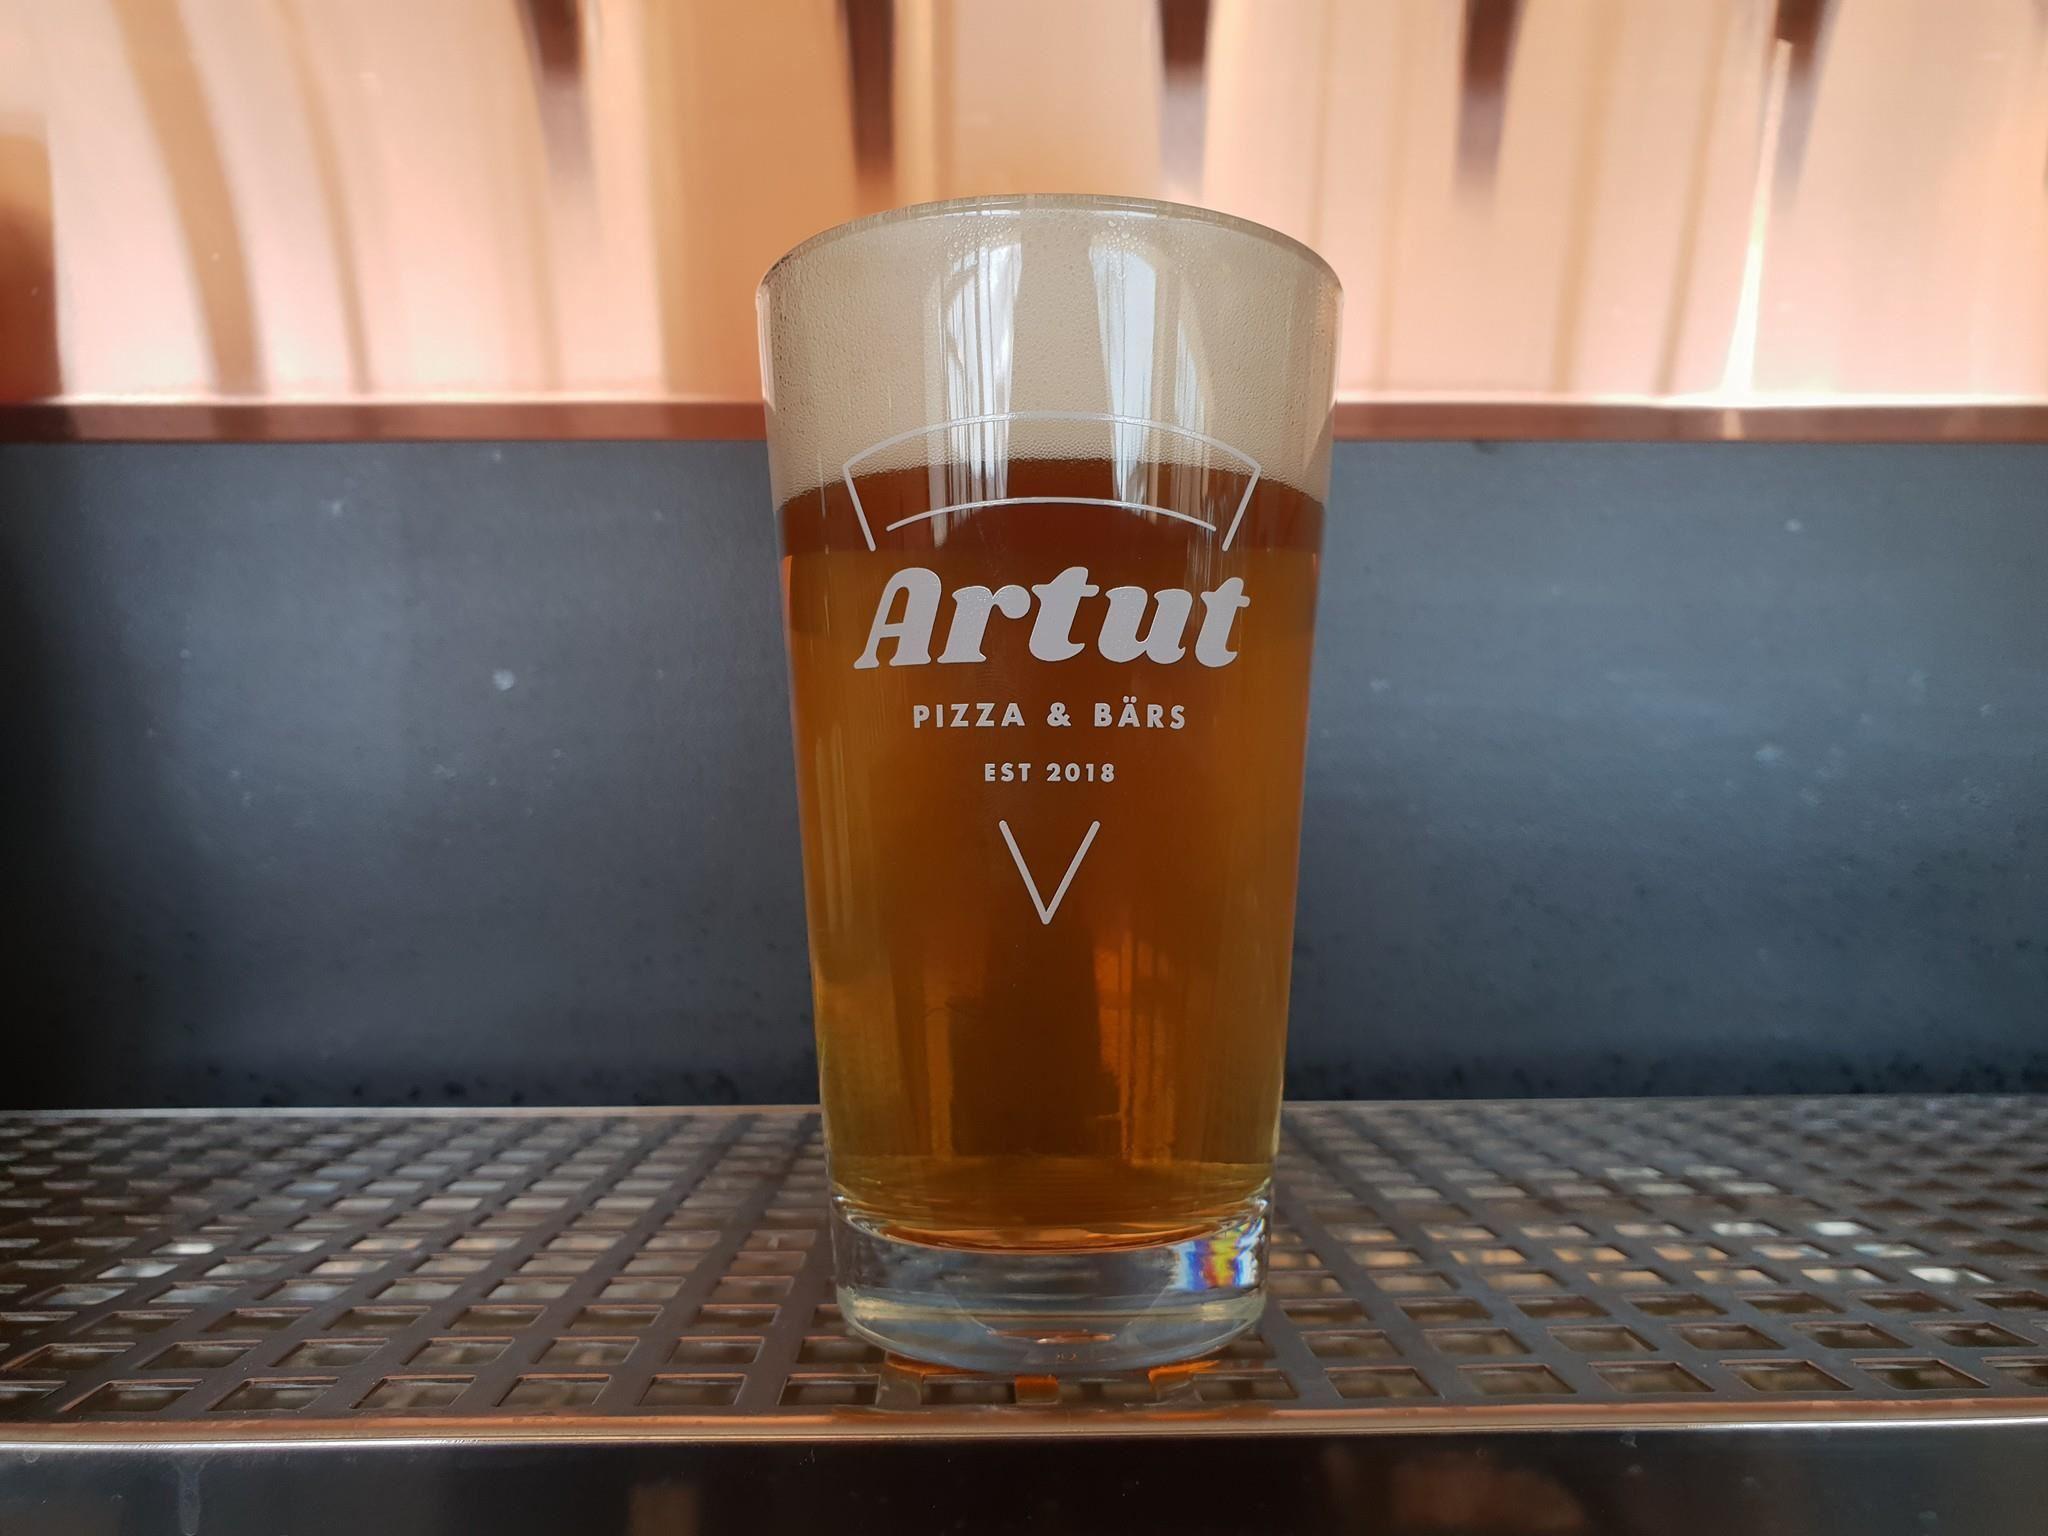 Foto: Artut,  © Copy: Artut, Beer